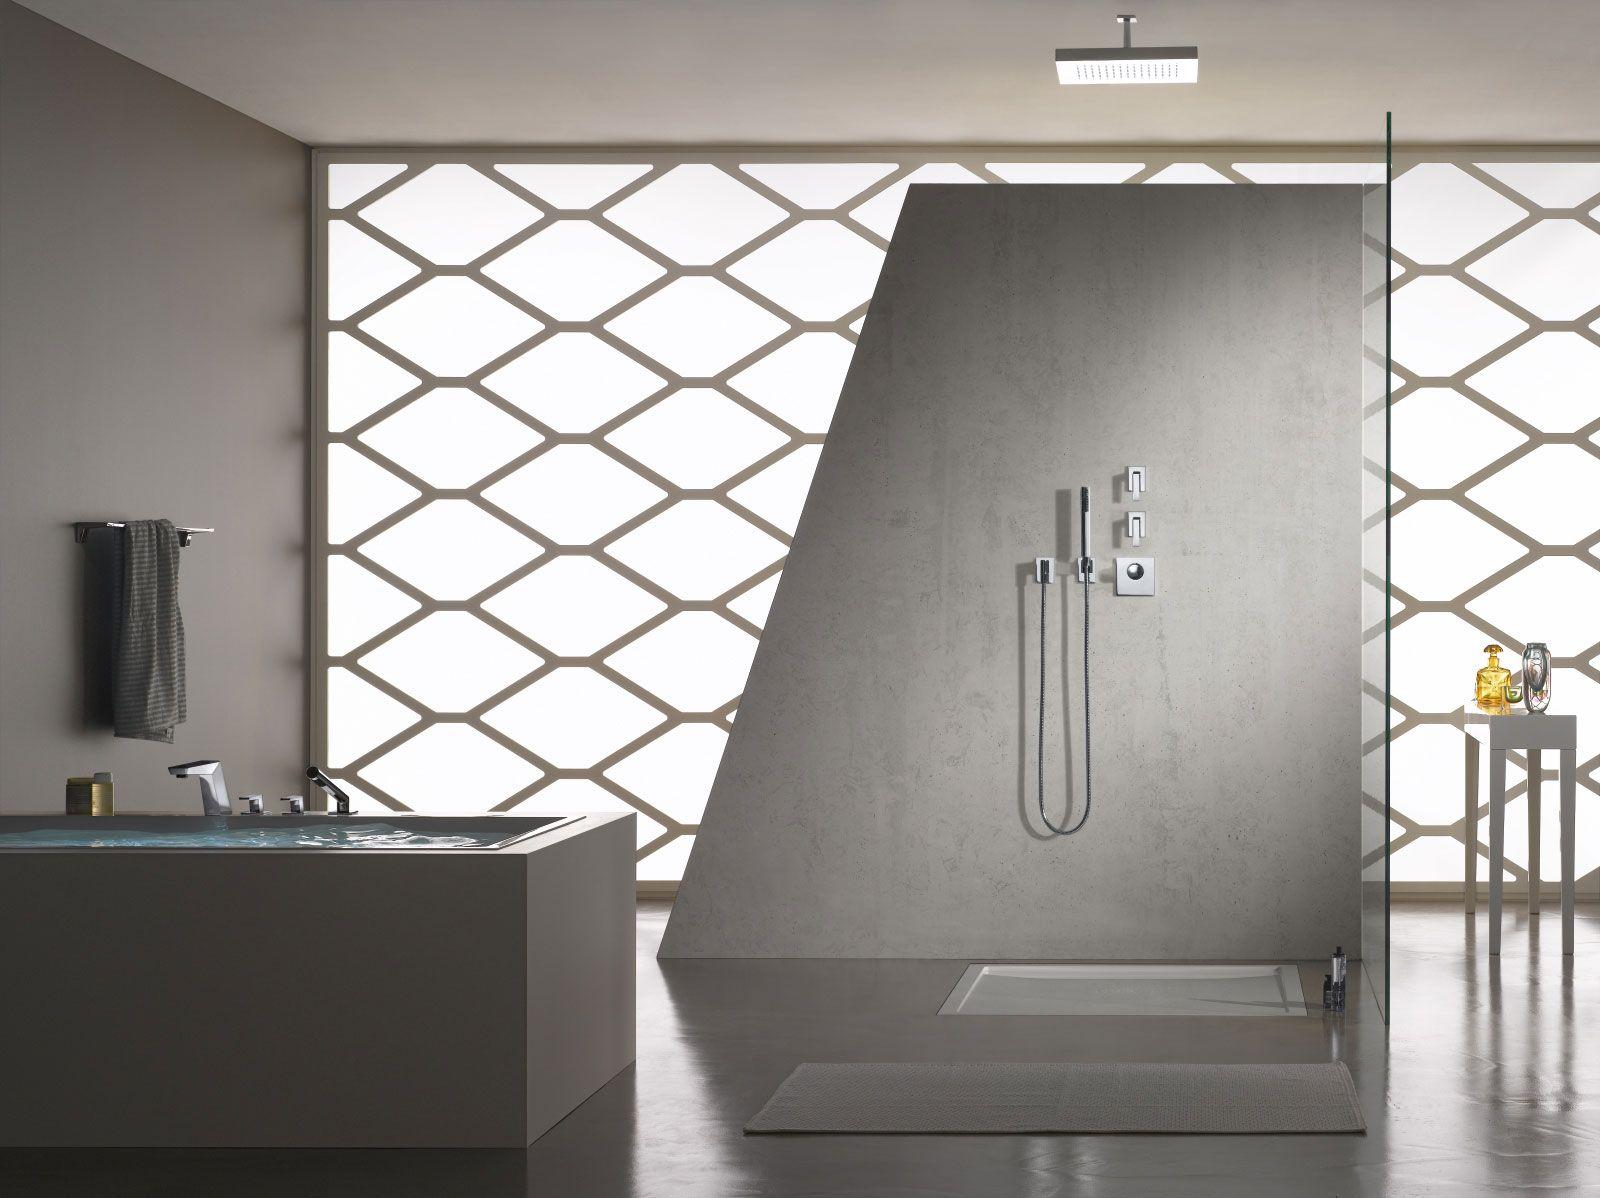 Rückwand Badezimmer ~ So viel kostet dein traumbad rückwand schräg und freistehende